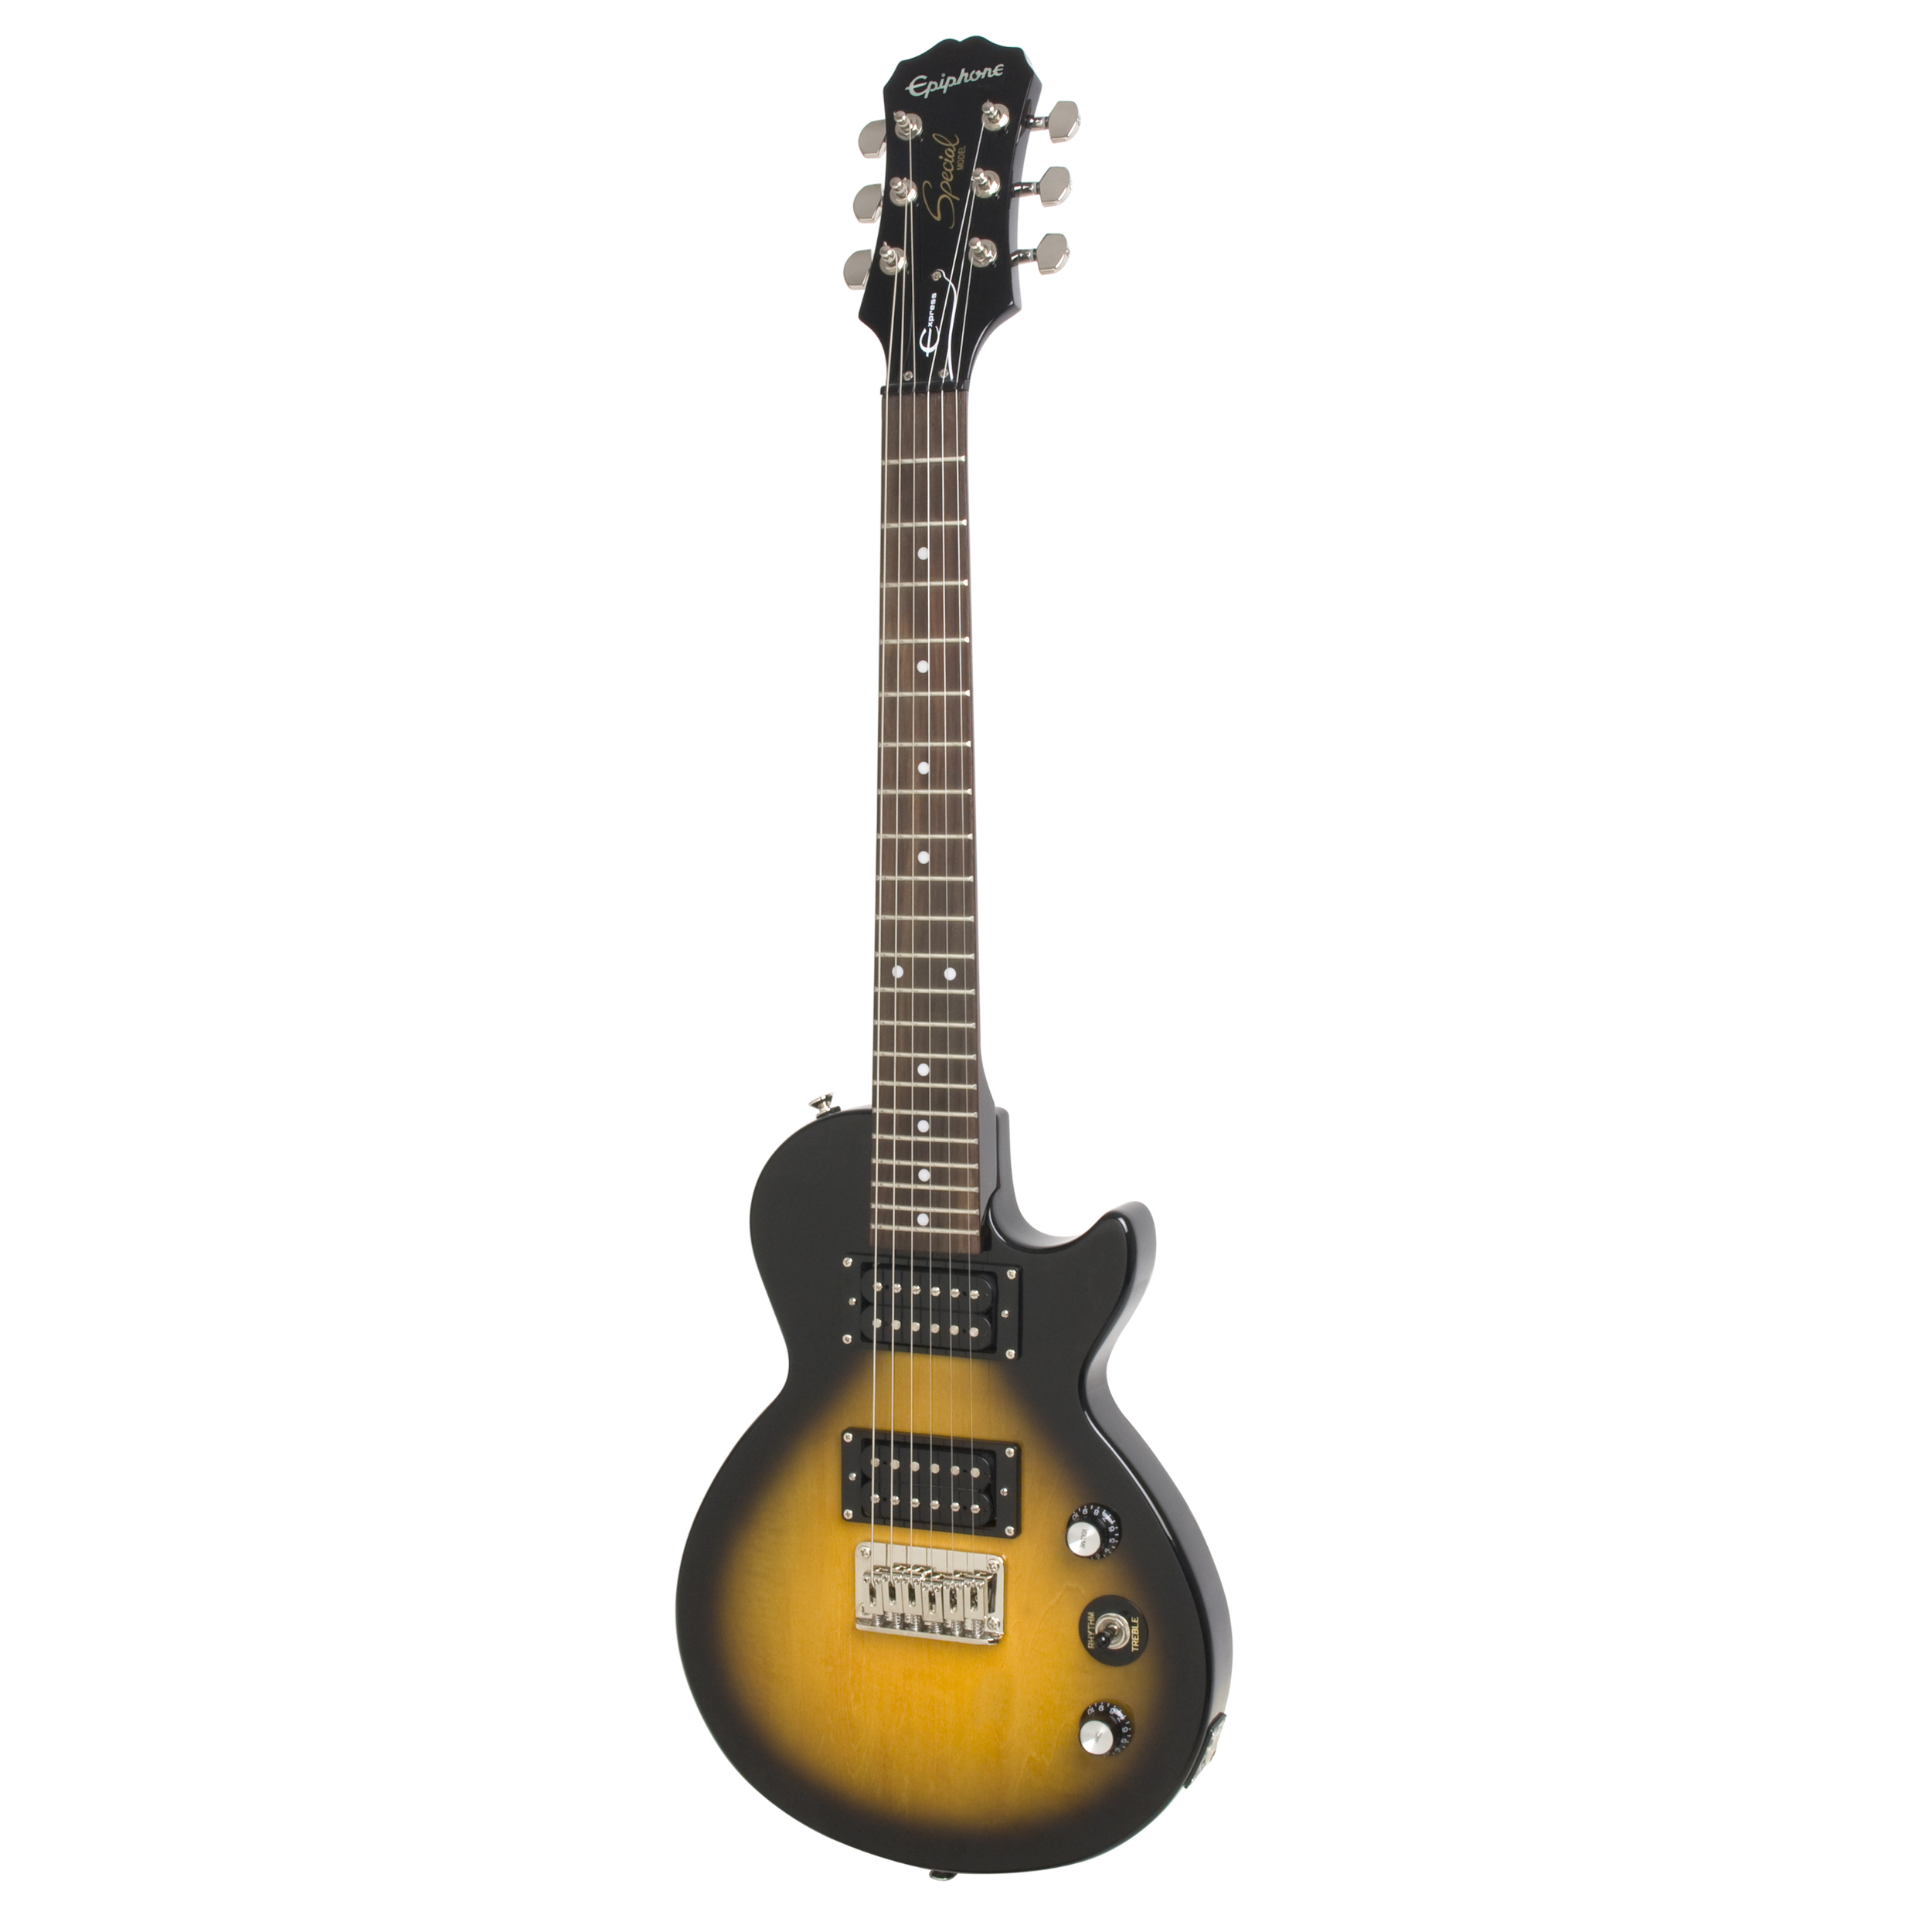 Epiphone Les Paul Express - Vintage Sunburst Guitar